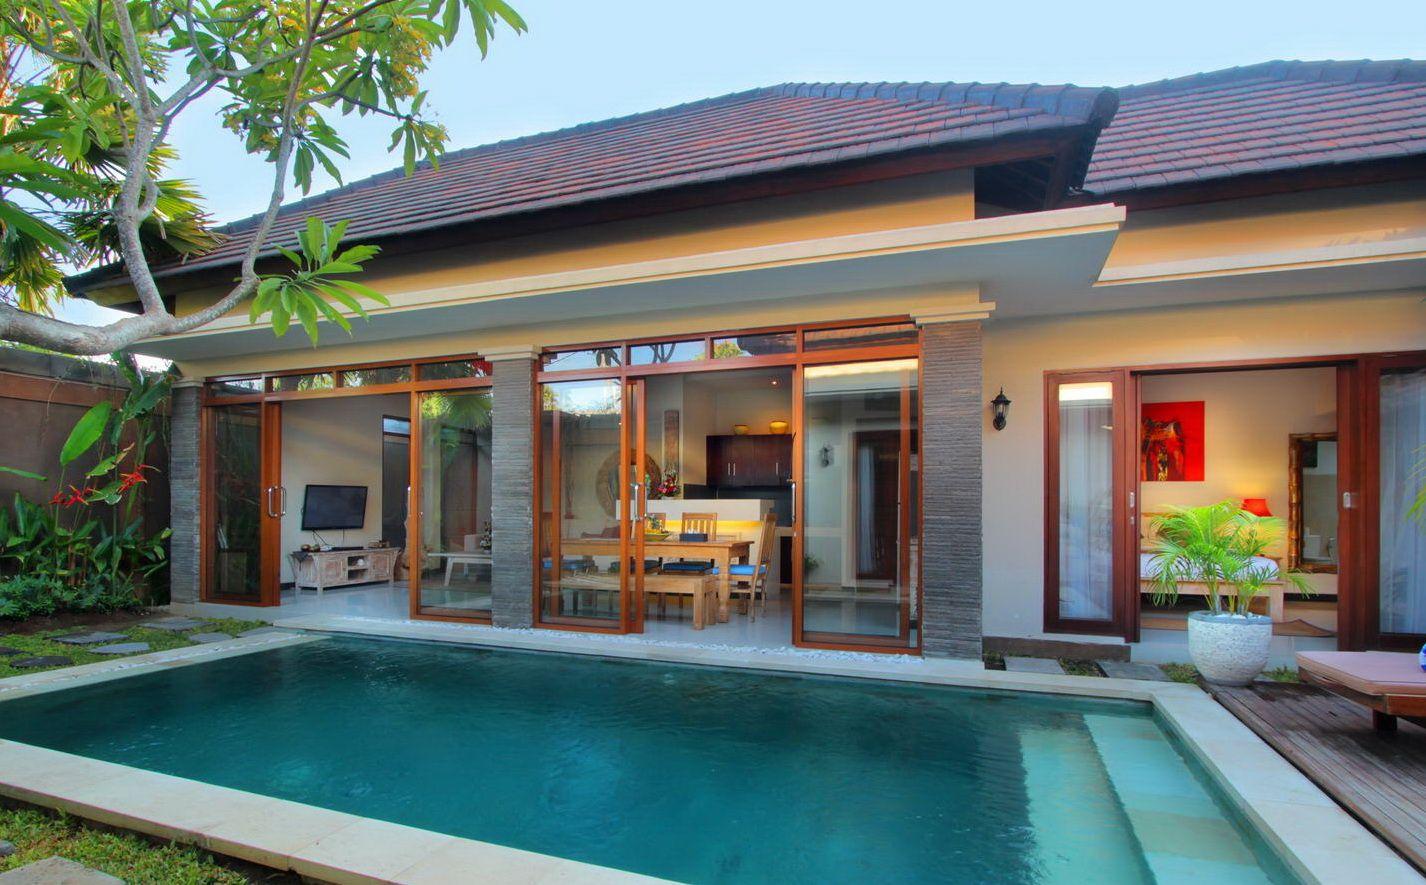 Villa Ashna 3 bedroom Seminyak, Bali exterior